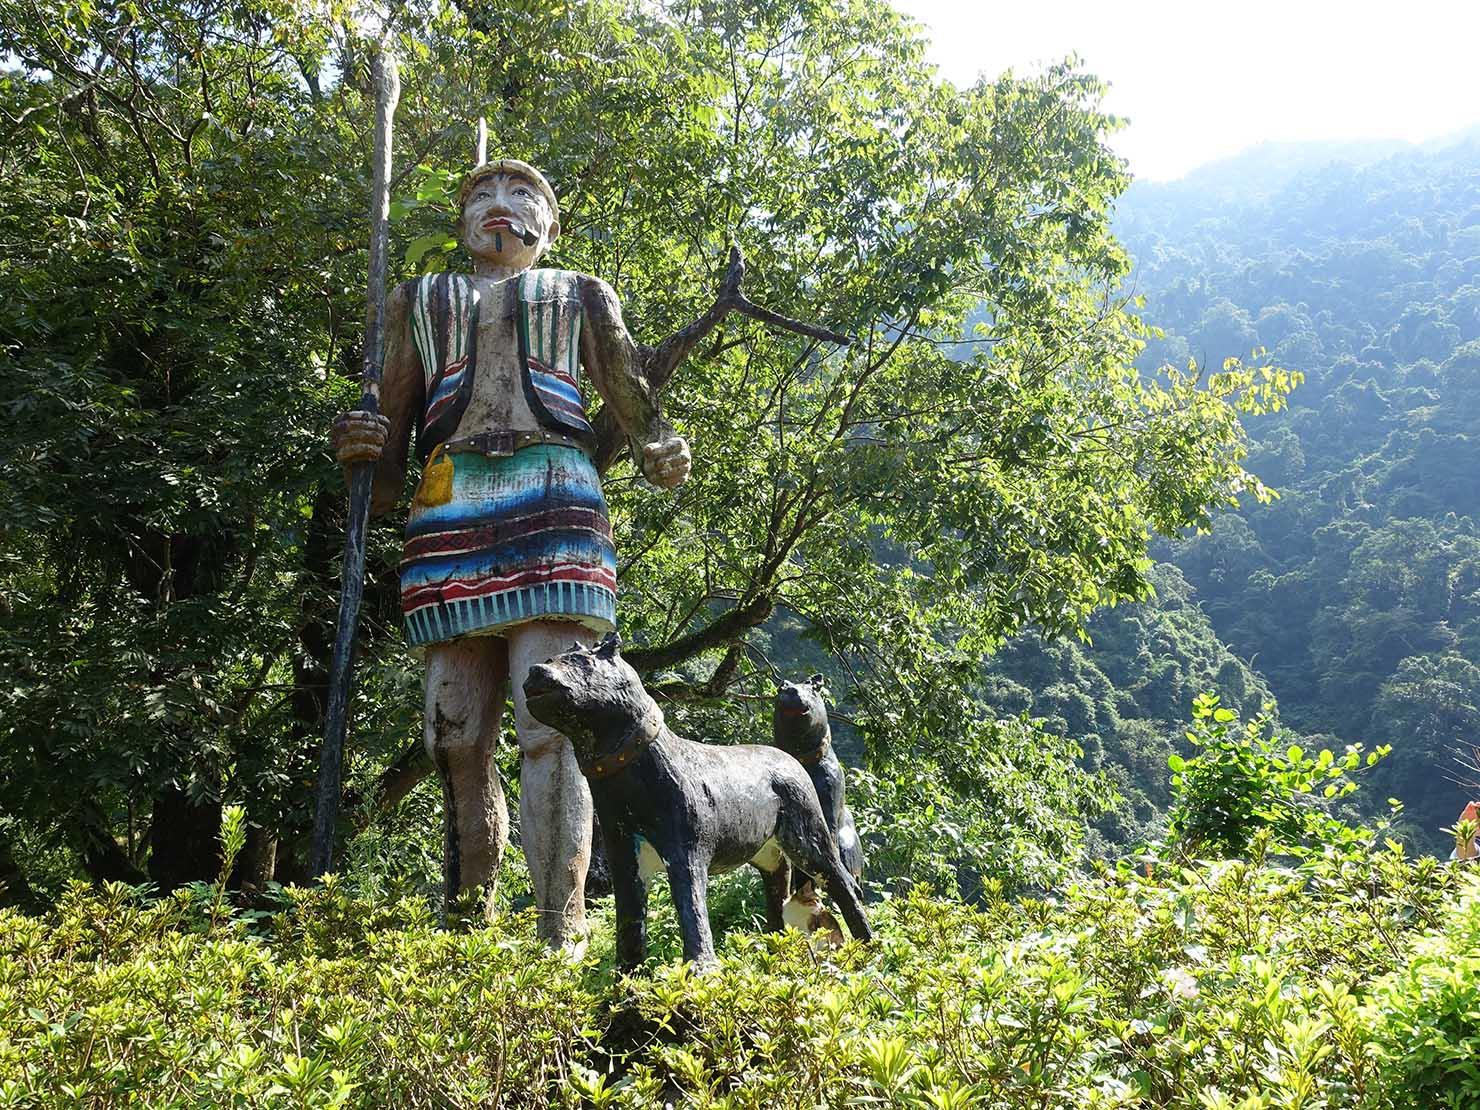 台北・烏來瀑布前に佇む勇者の像